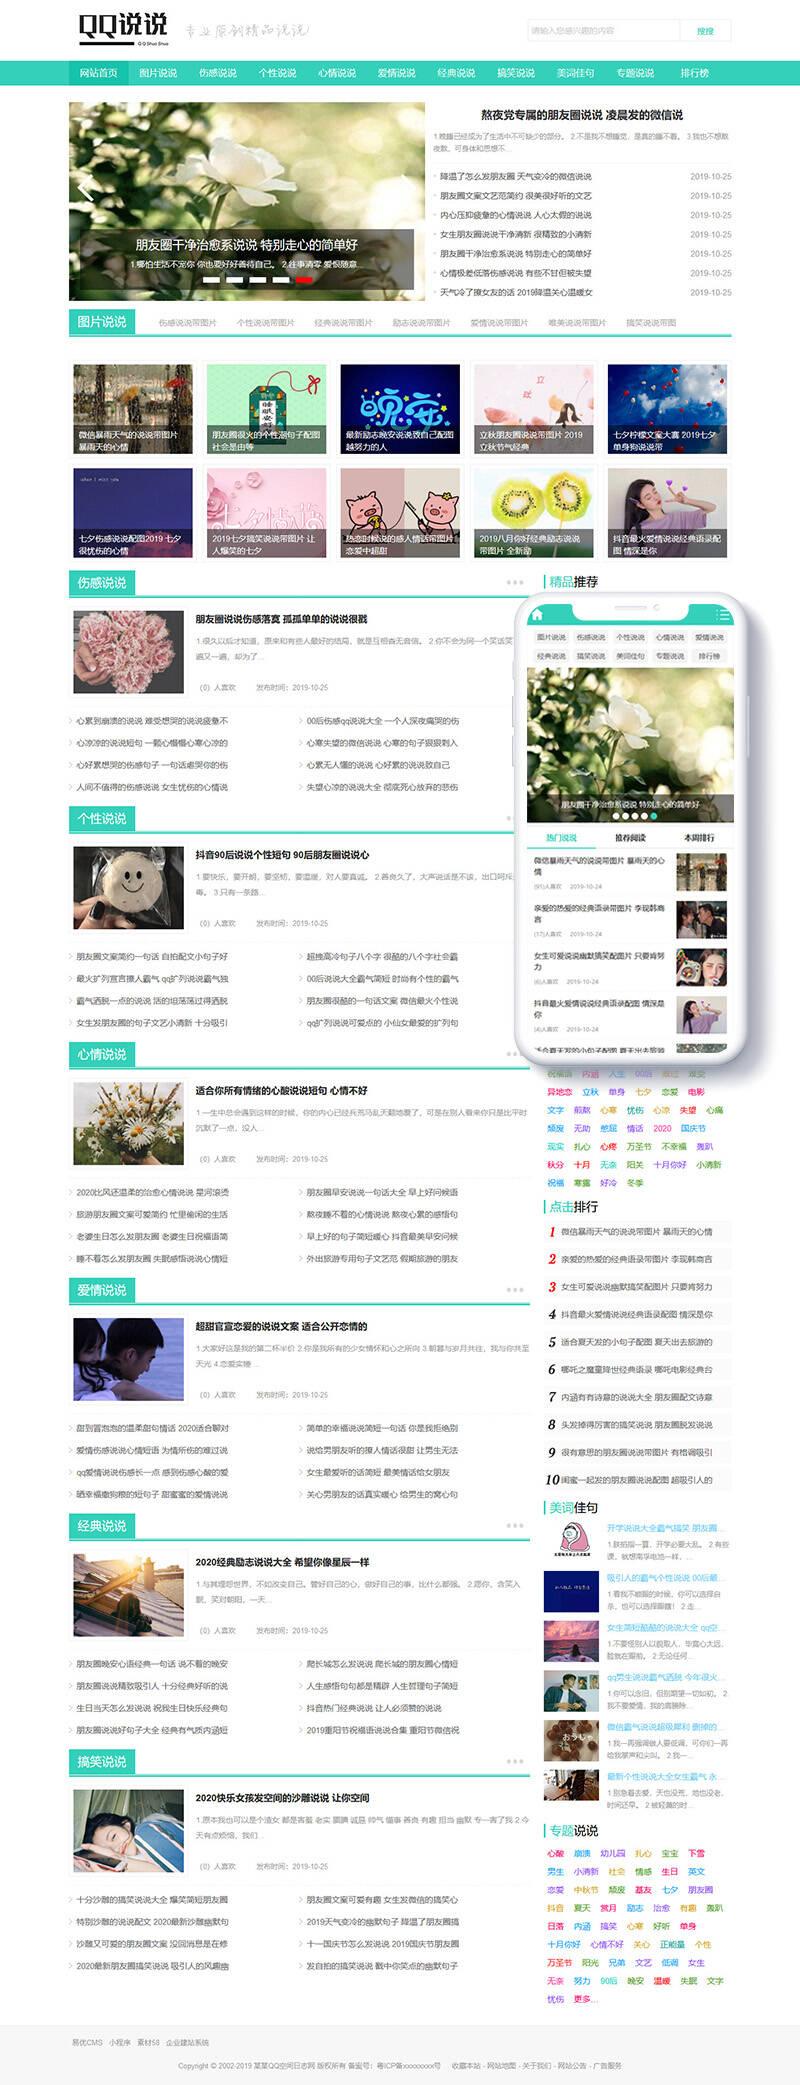 qq说说网站